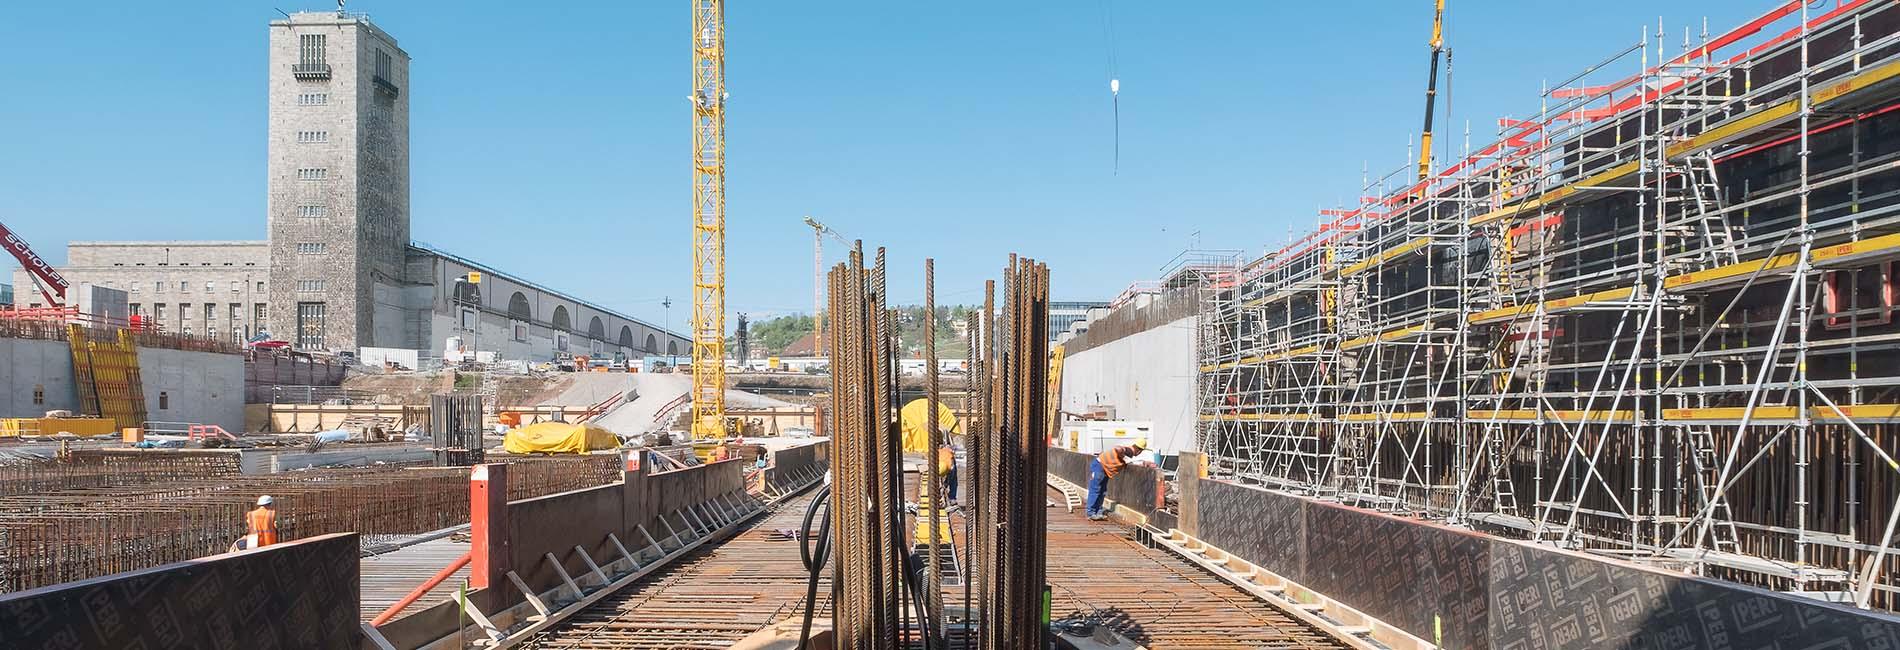 Der Stuttgarter Hauptbahnhof während der Baumaßnahmen zu S21